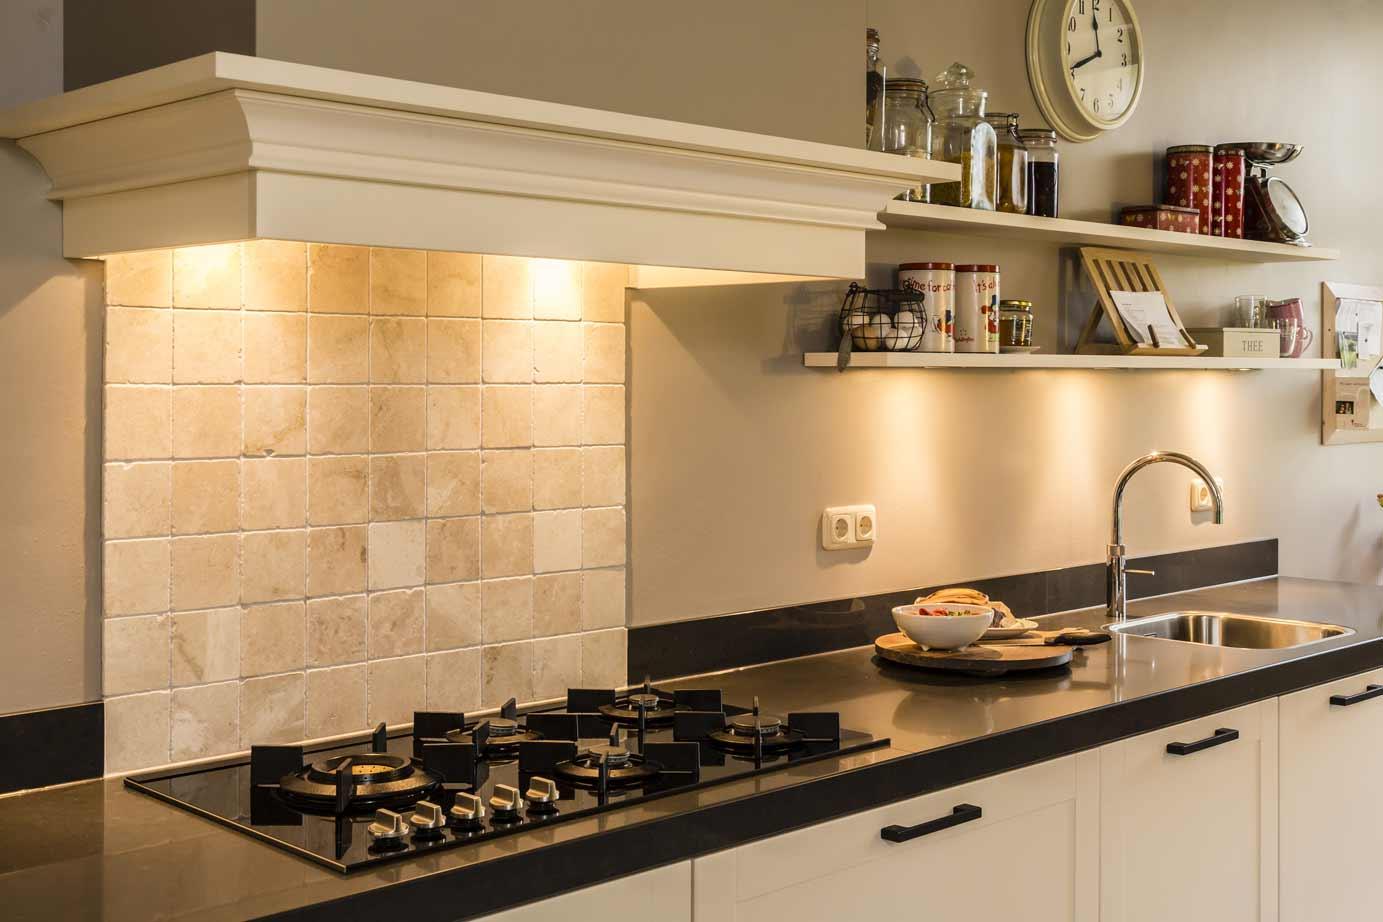 carrousel keuken afstellen : Keuken Carrousel Demonteren Work With Keuken Carrousel Demonteren